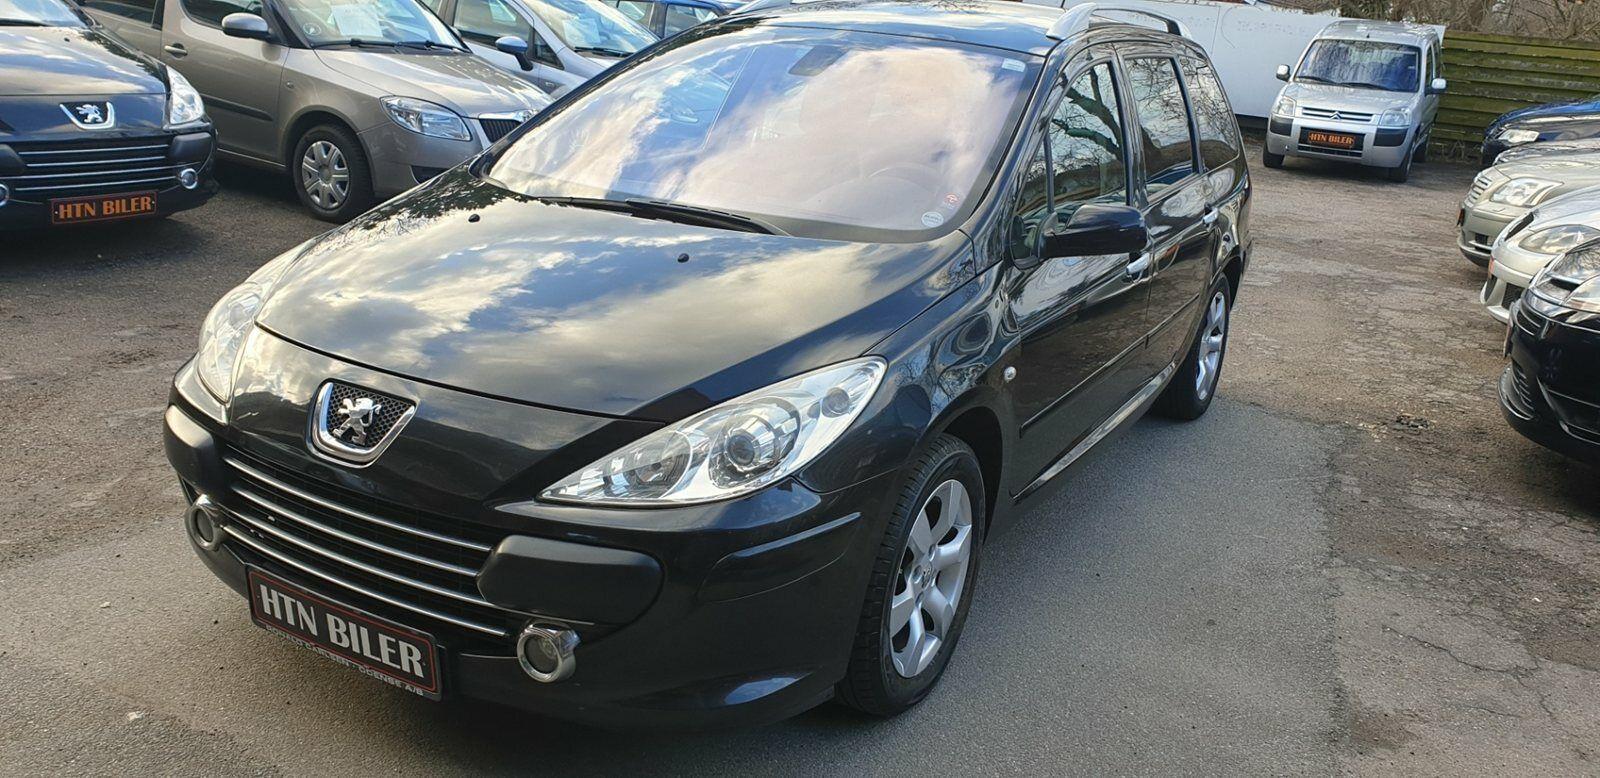 Peugeot 307 2,0 T6 Griffe SW 7prs 5d - 47.900 kr.